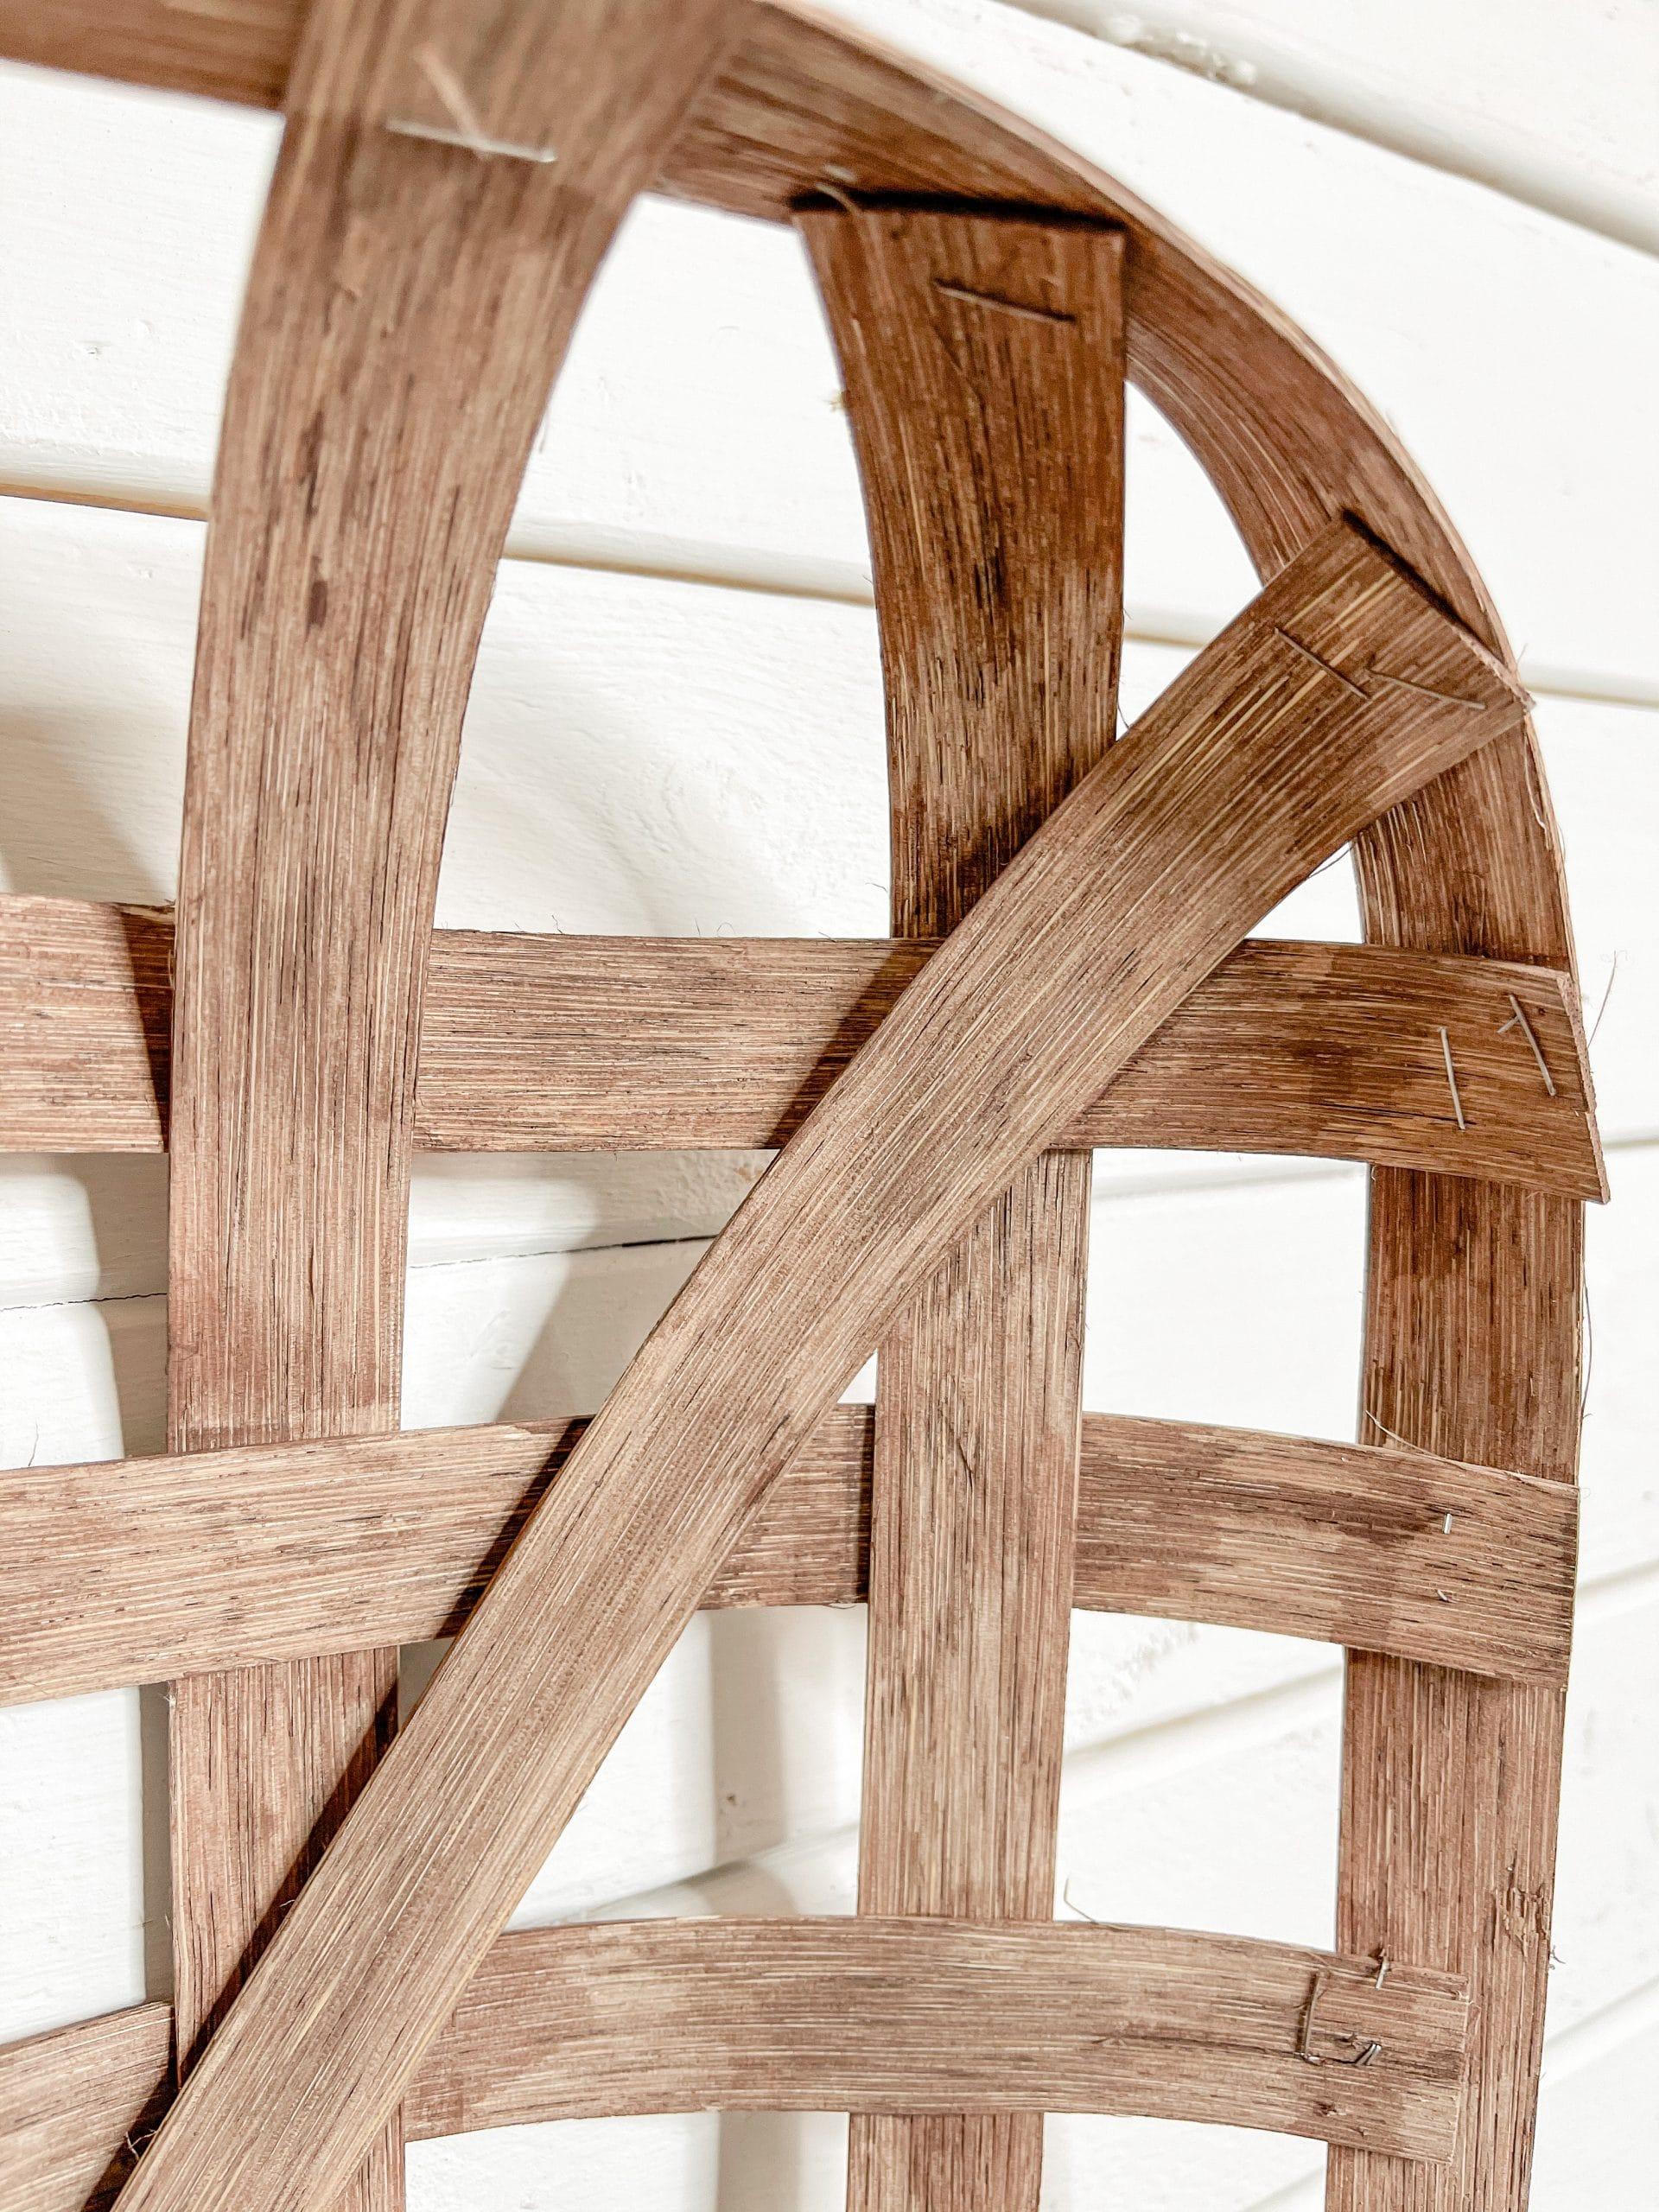 DIY Tobacco Basket Wall Decor